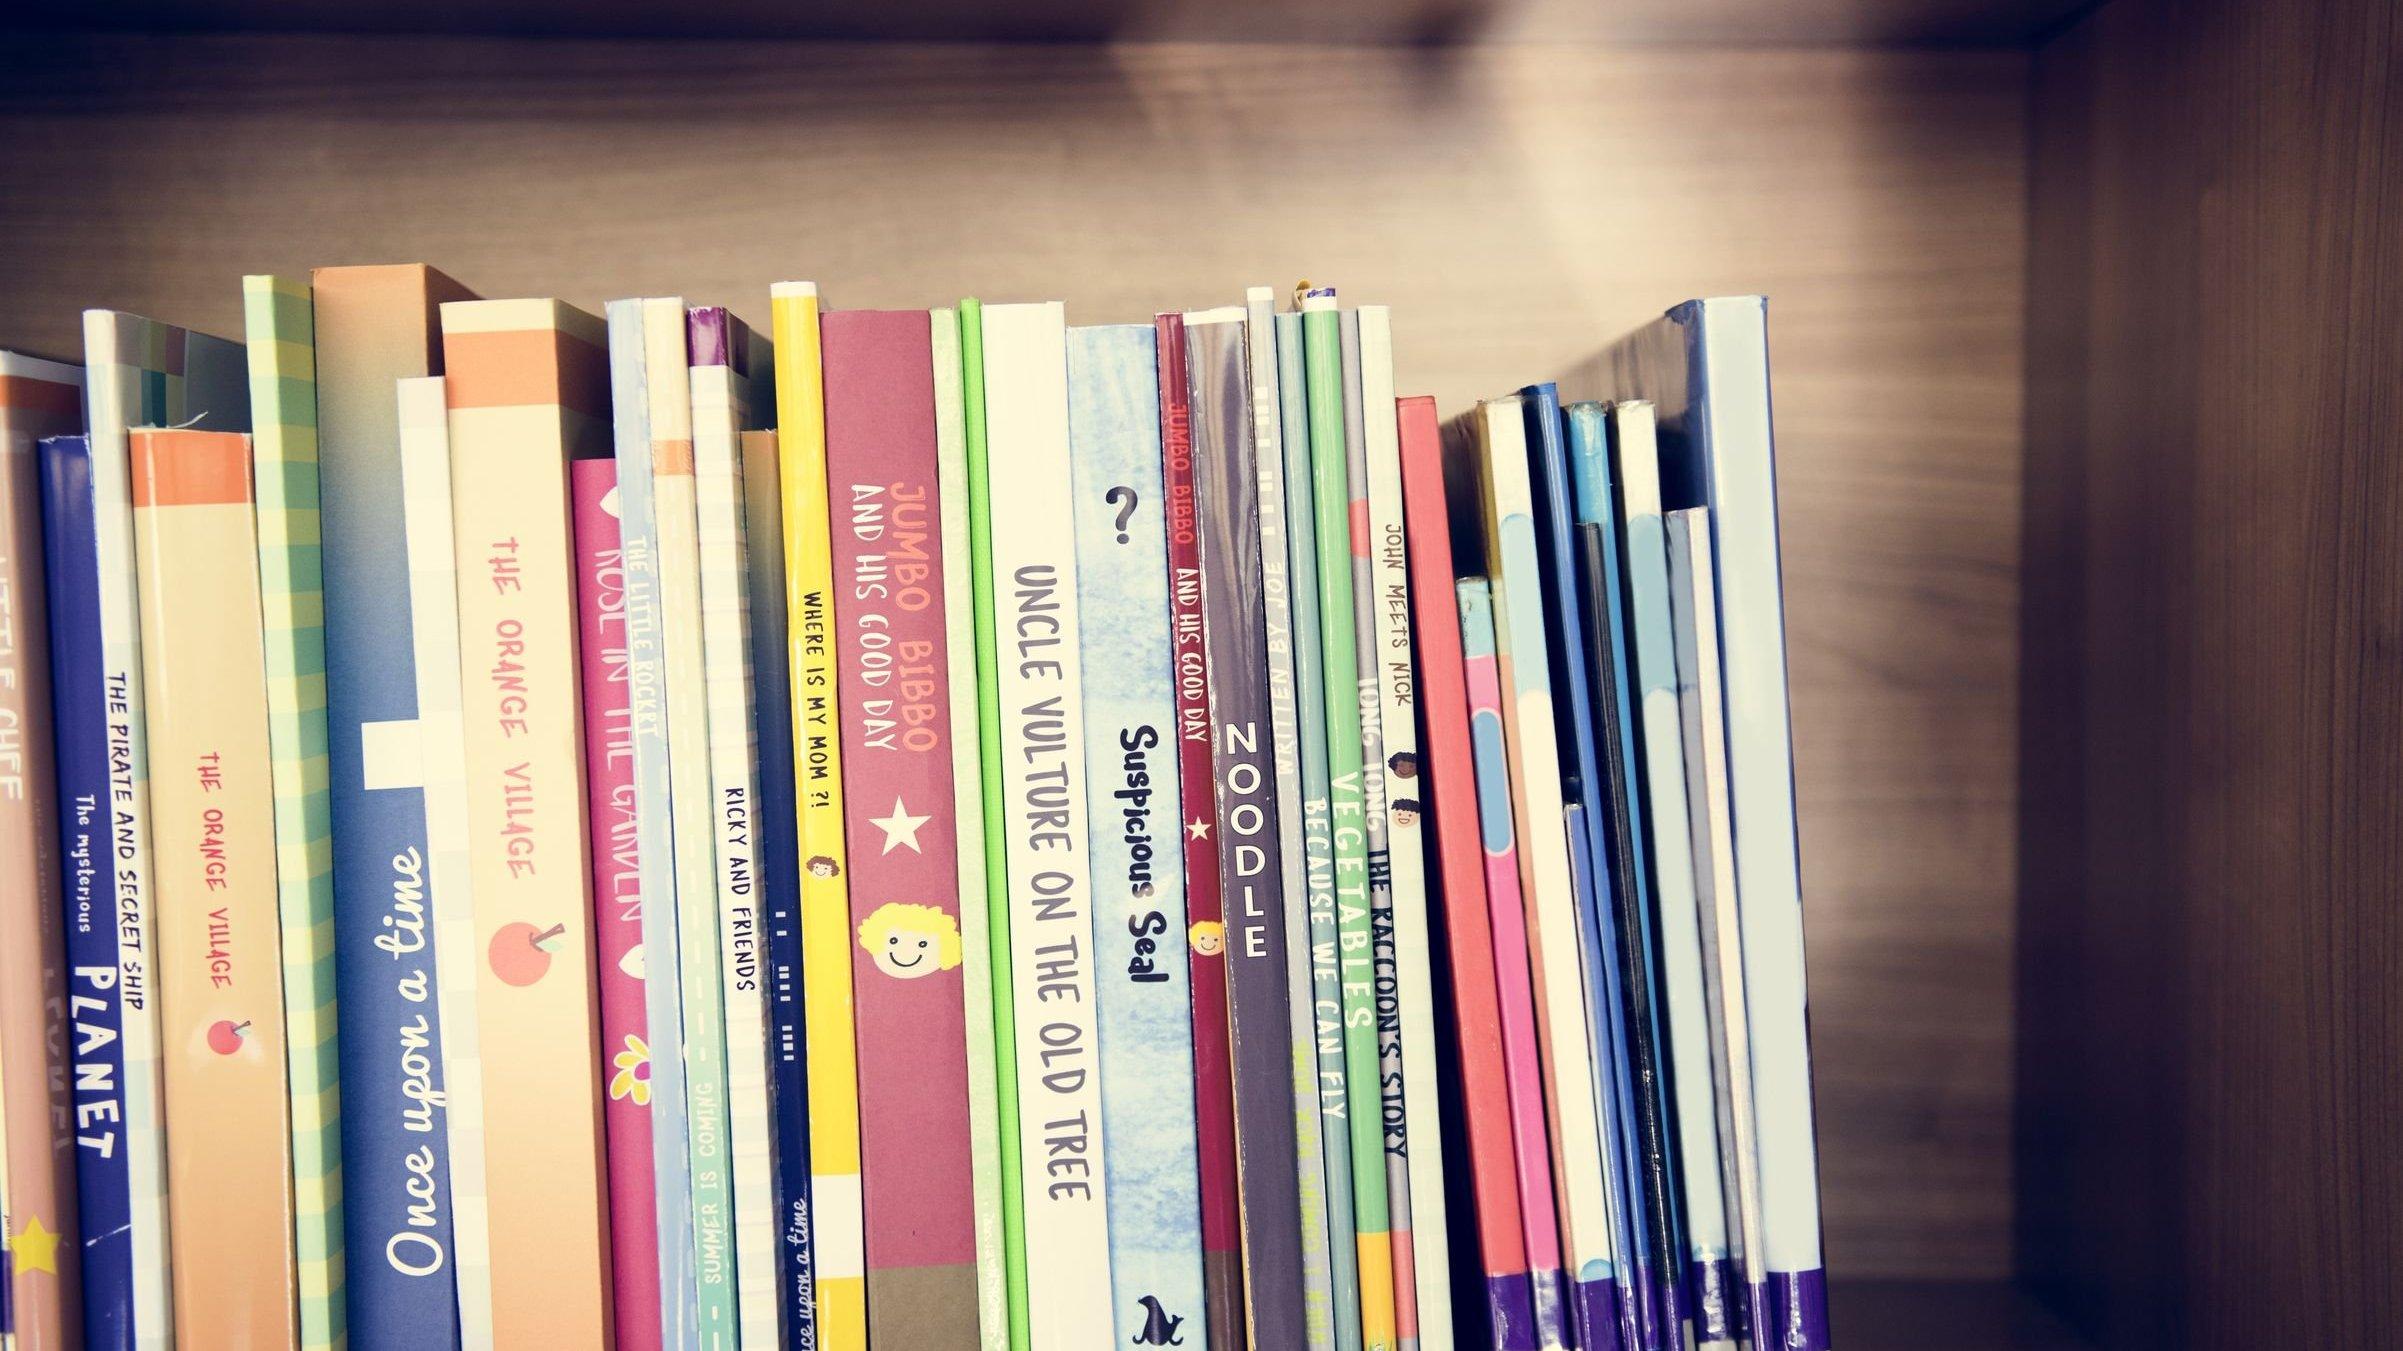 Livros um ao lado do outro em uma prateleira